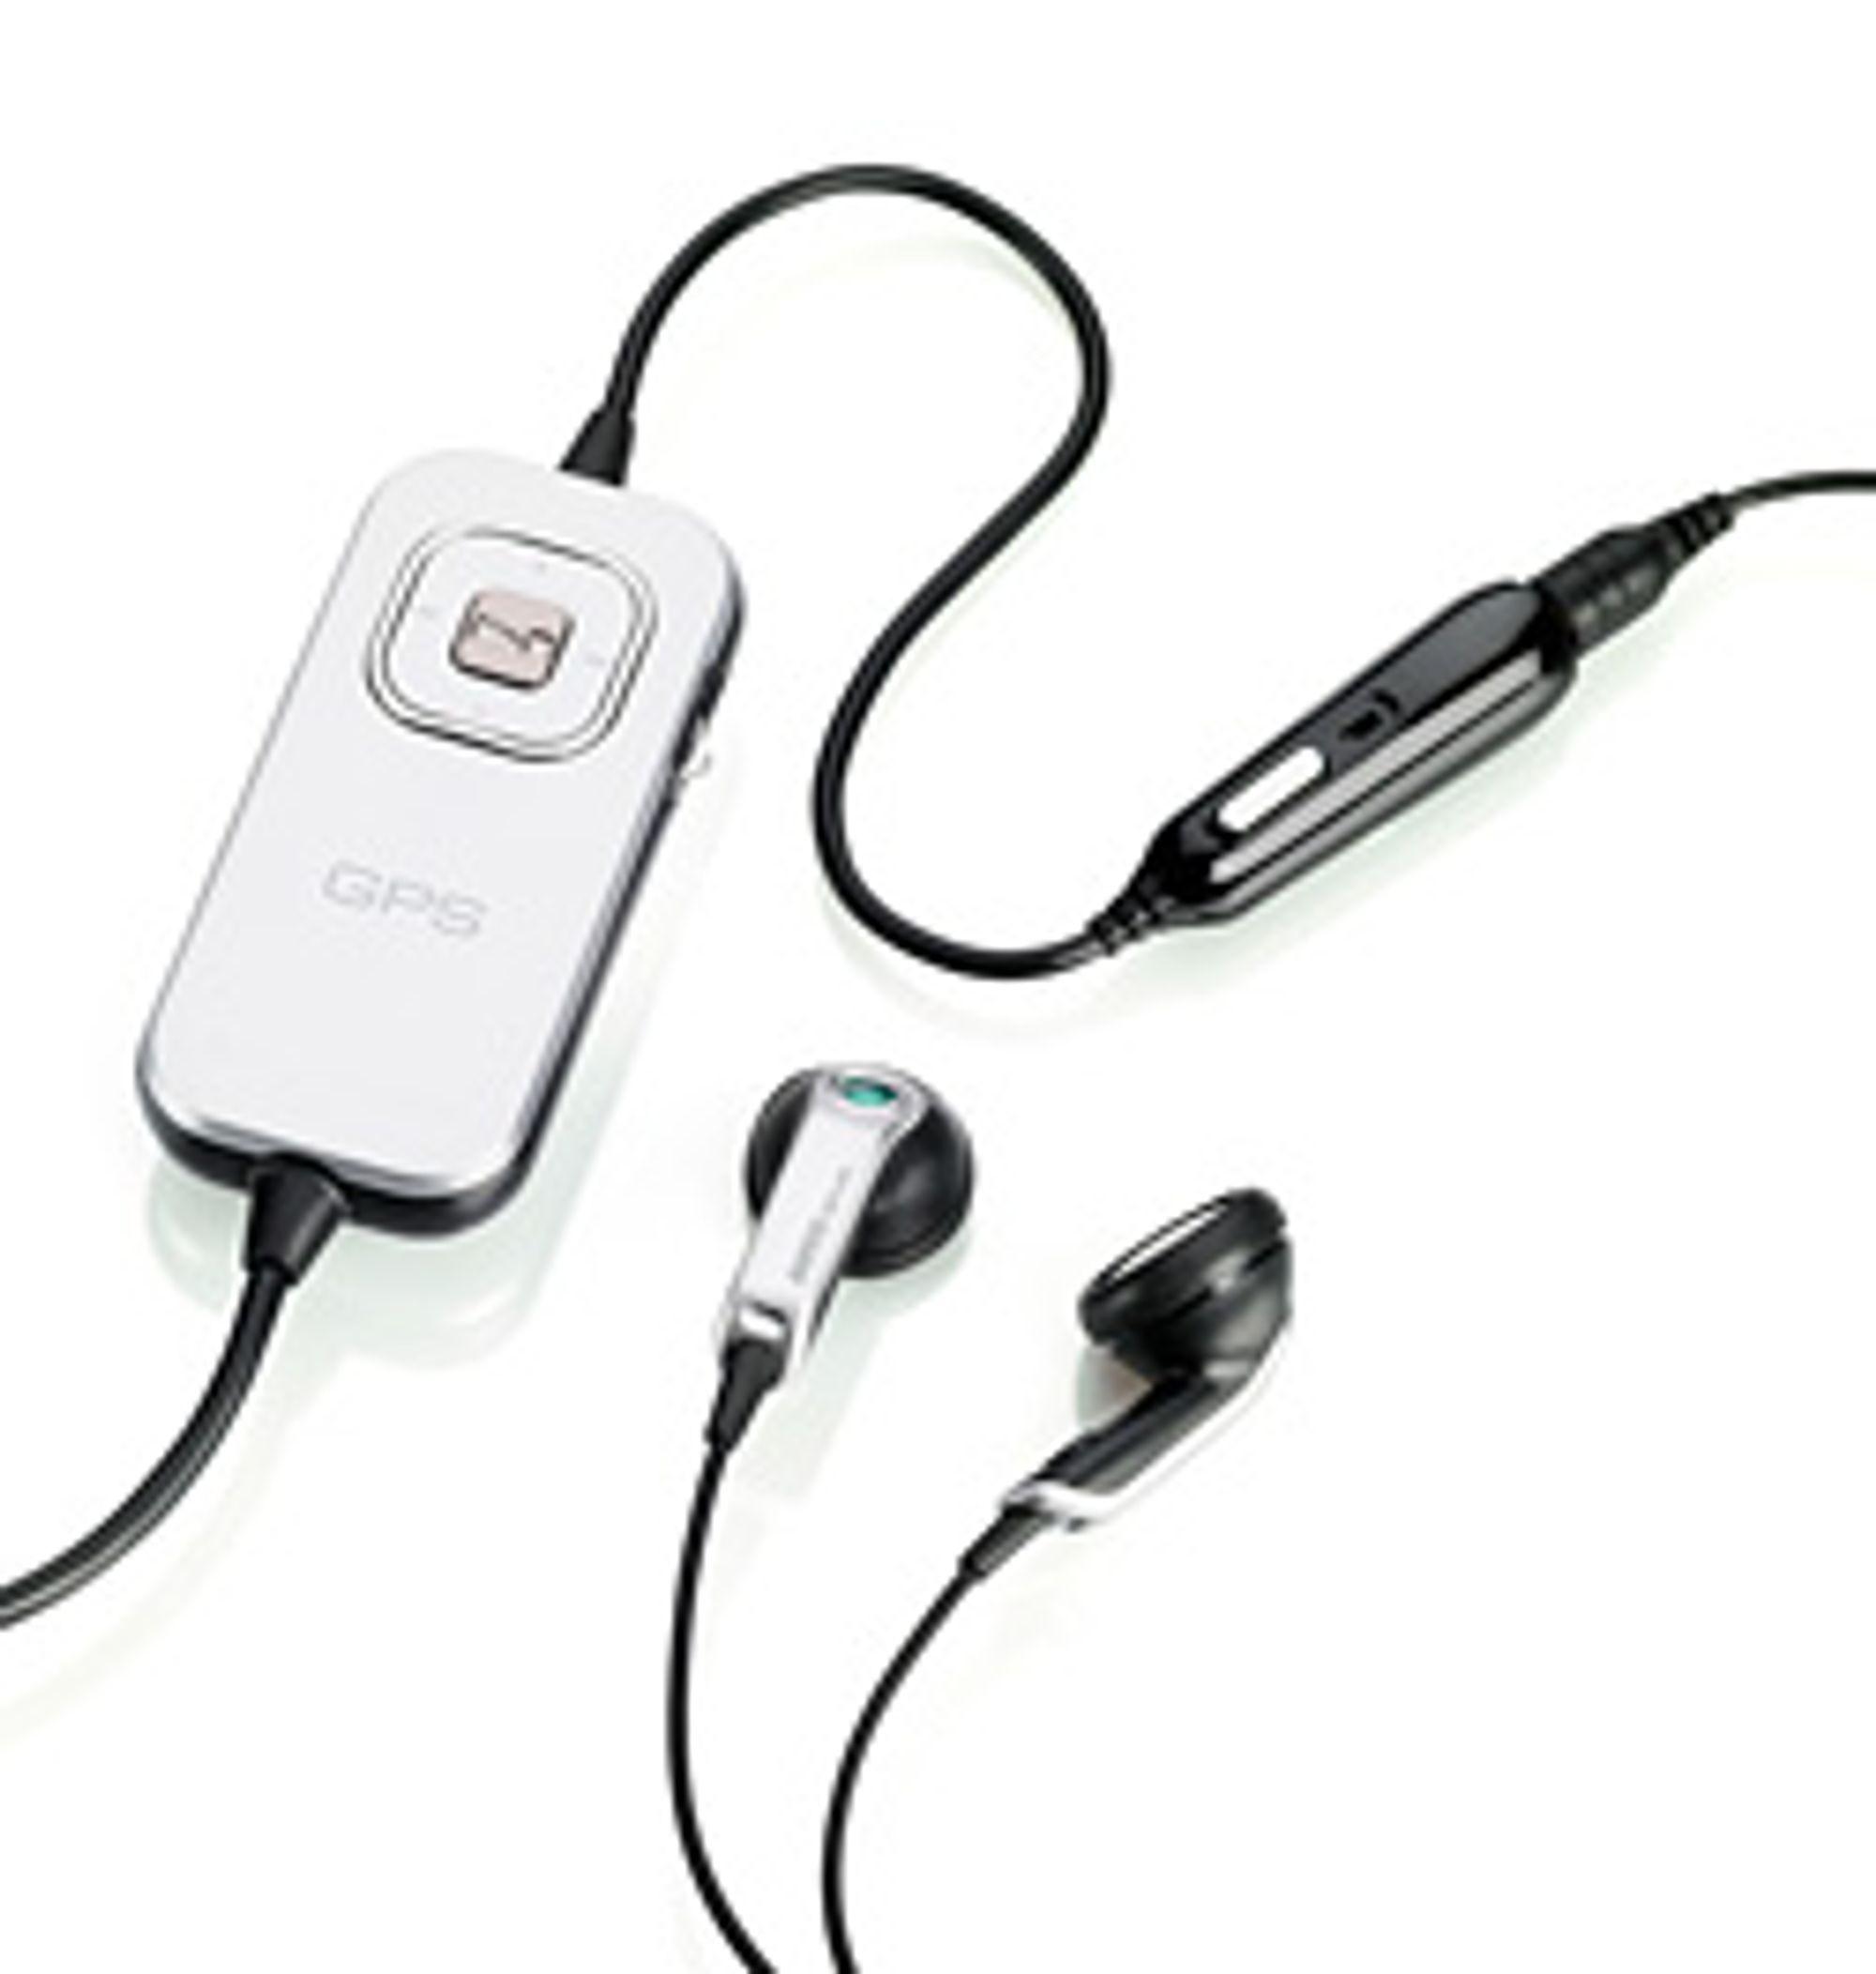 HGE-100 gir deg både GPS, håndfri og musikkhodesett i én enhet. Om du ikke har K850i og W910i altså.